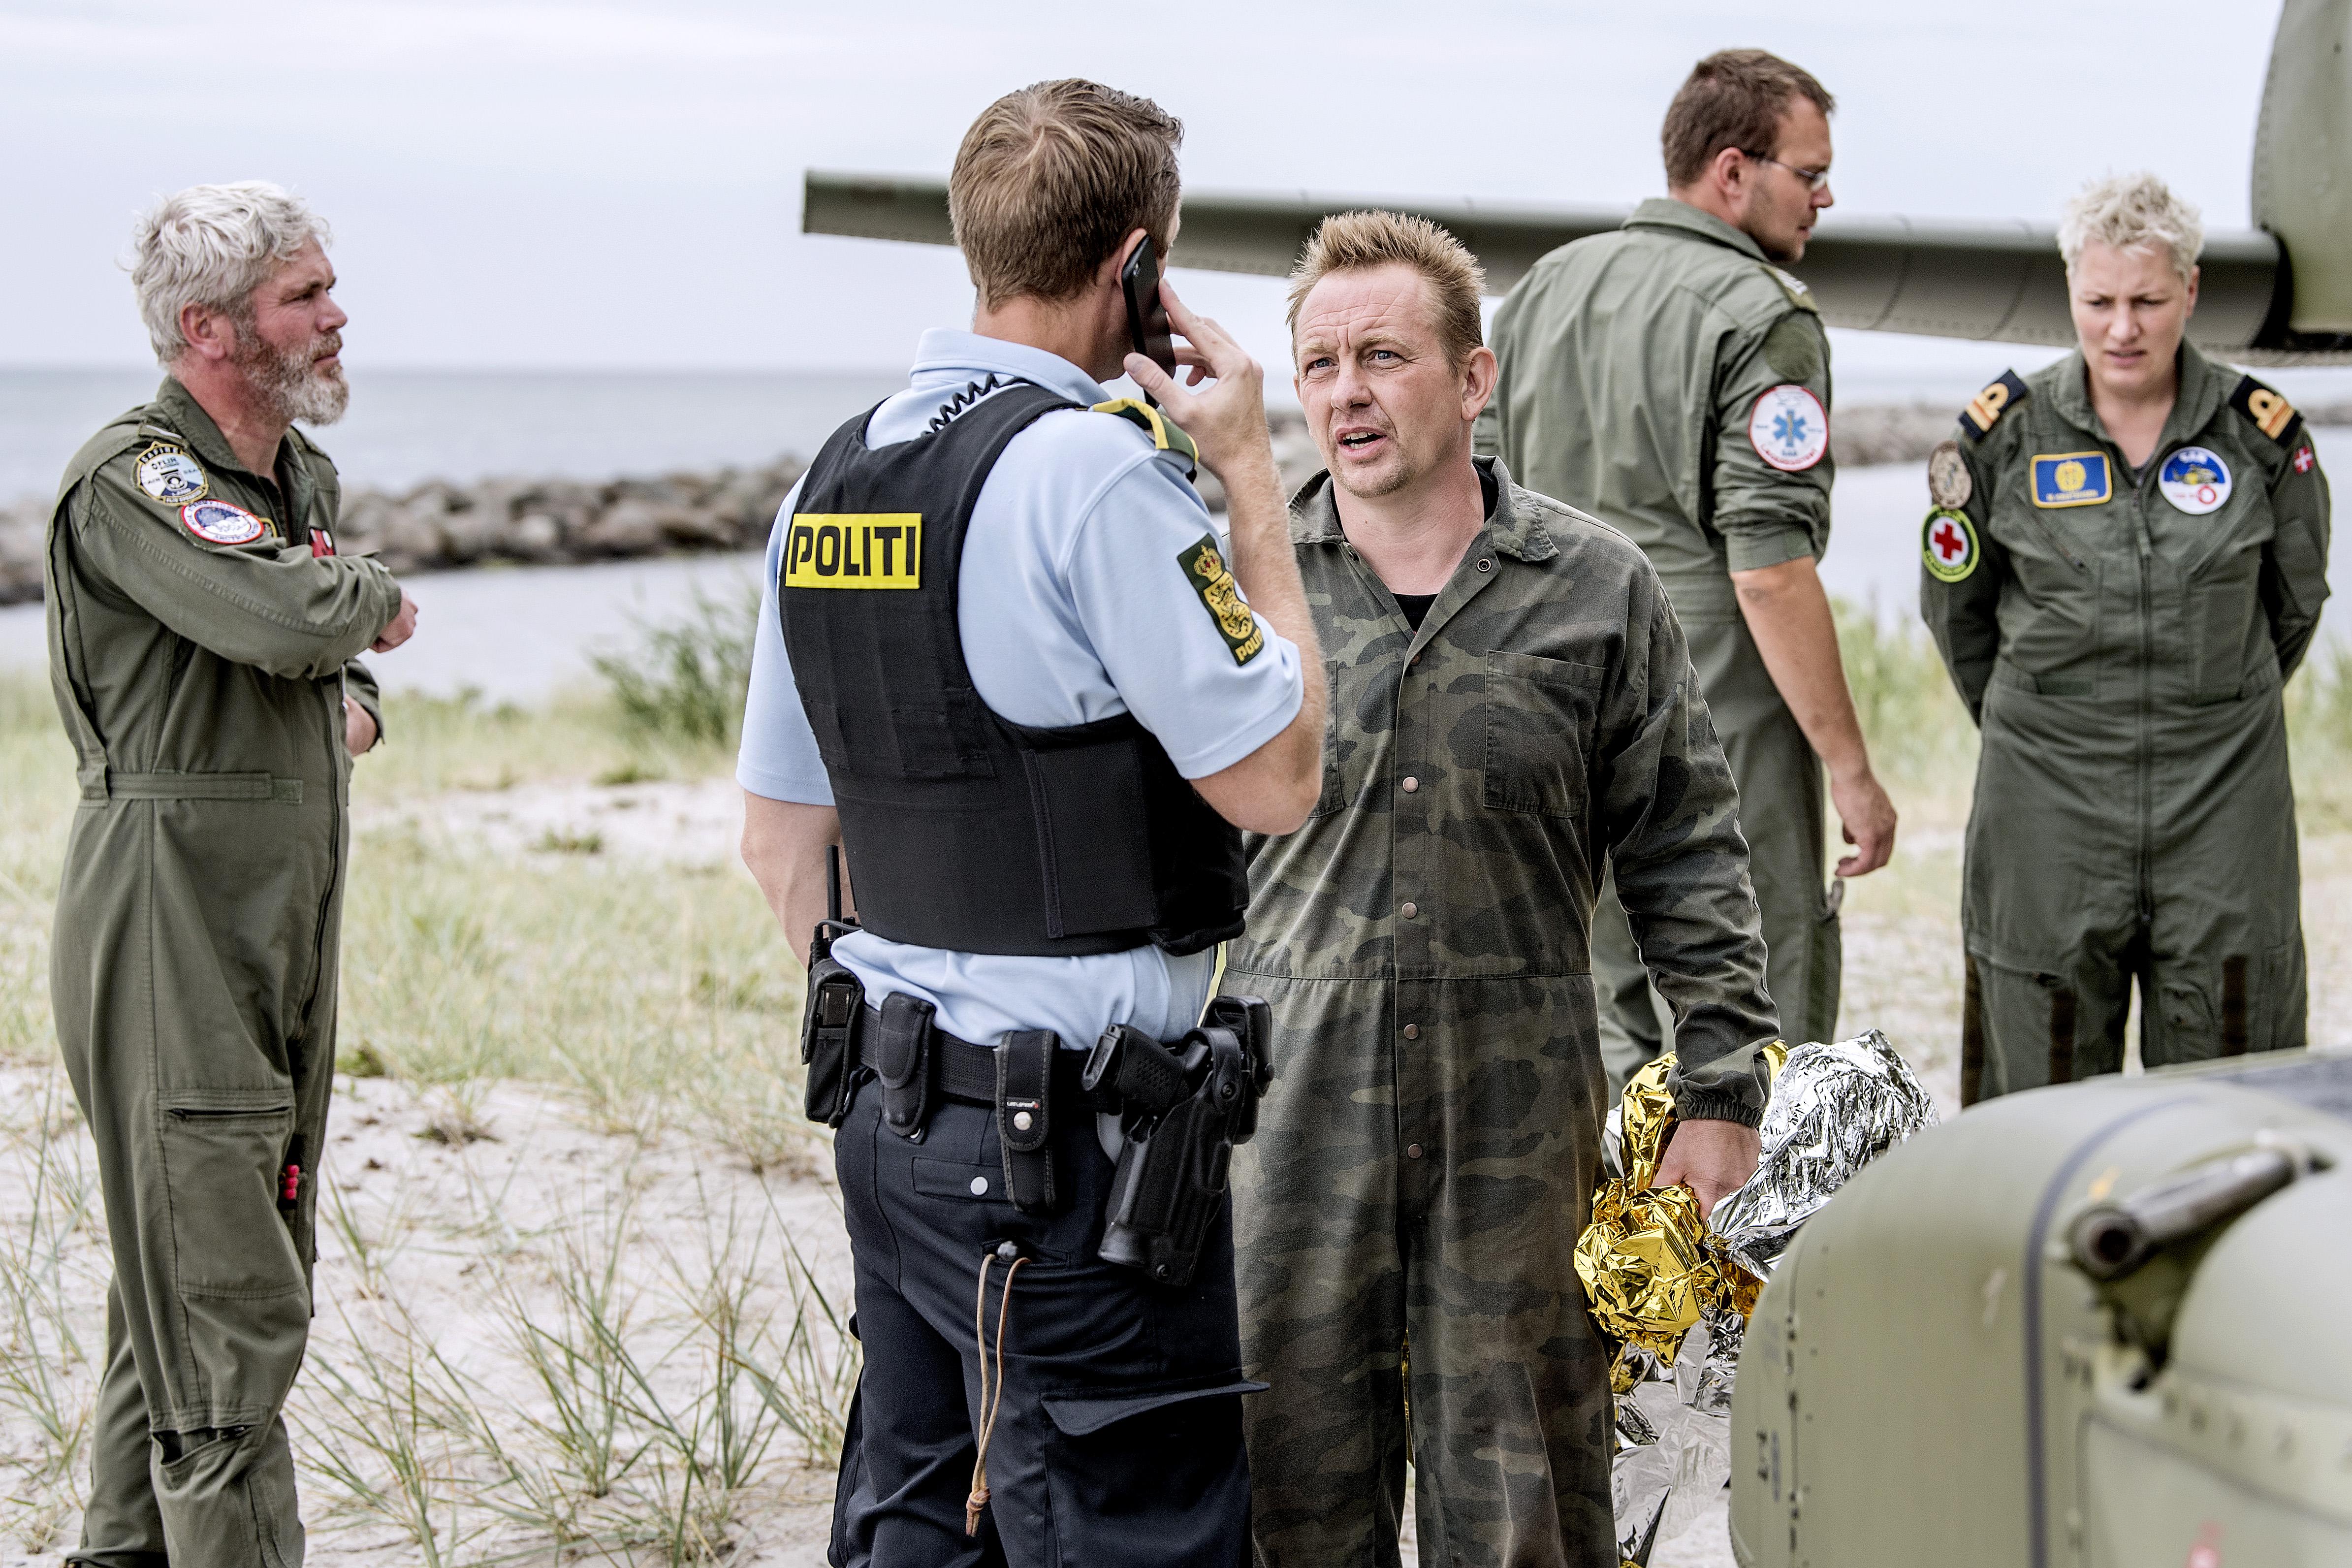 Életfogytiglant kapott a dán feltaláló, aki tengeralattjáróján megcsonkította és brutálisan kivégezte Kim Wall svéd újságírónőt